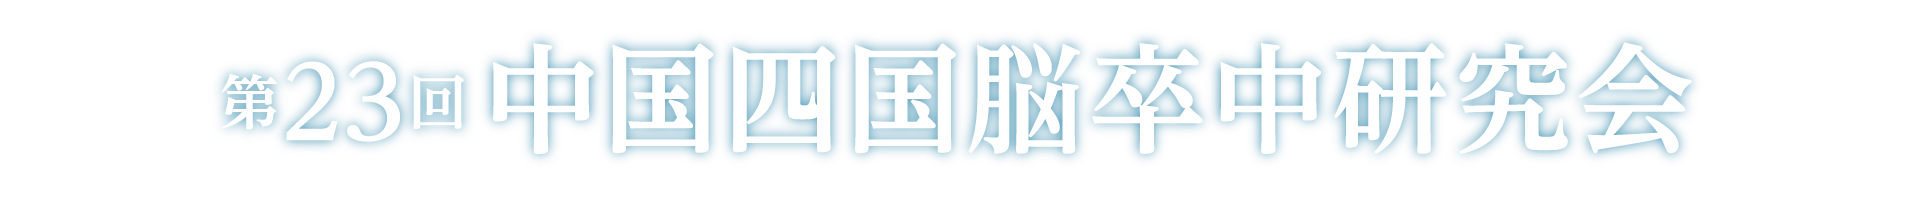 第23回中国四国脳卒中研究会